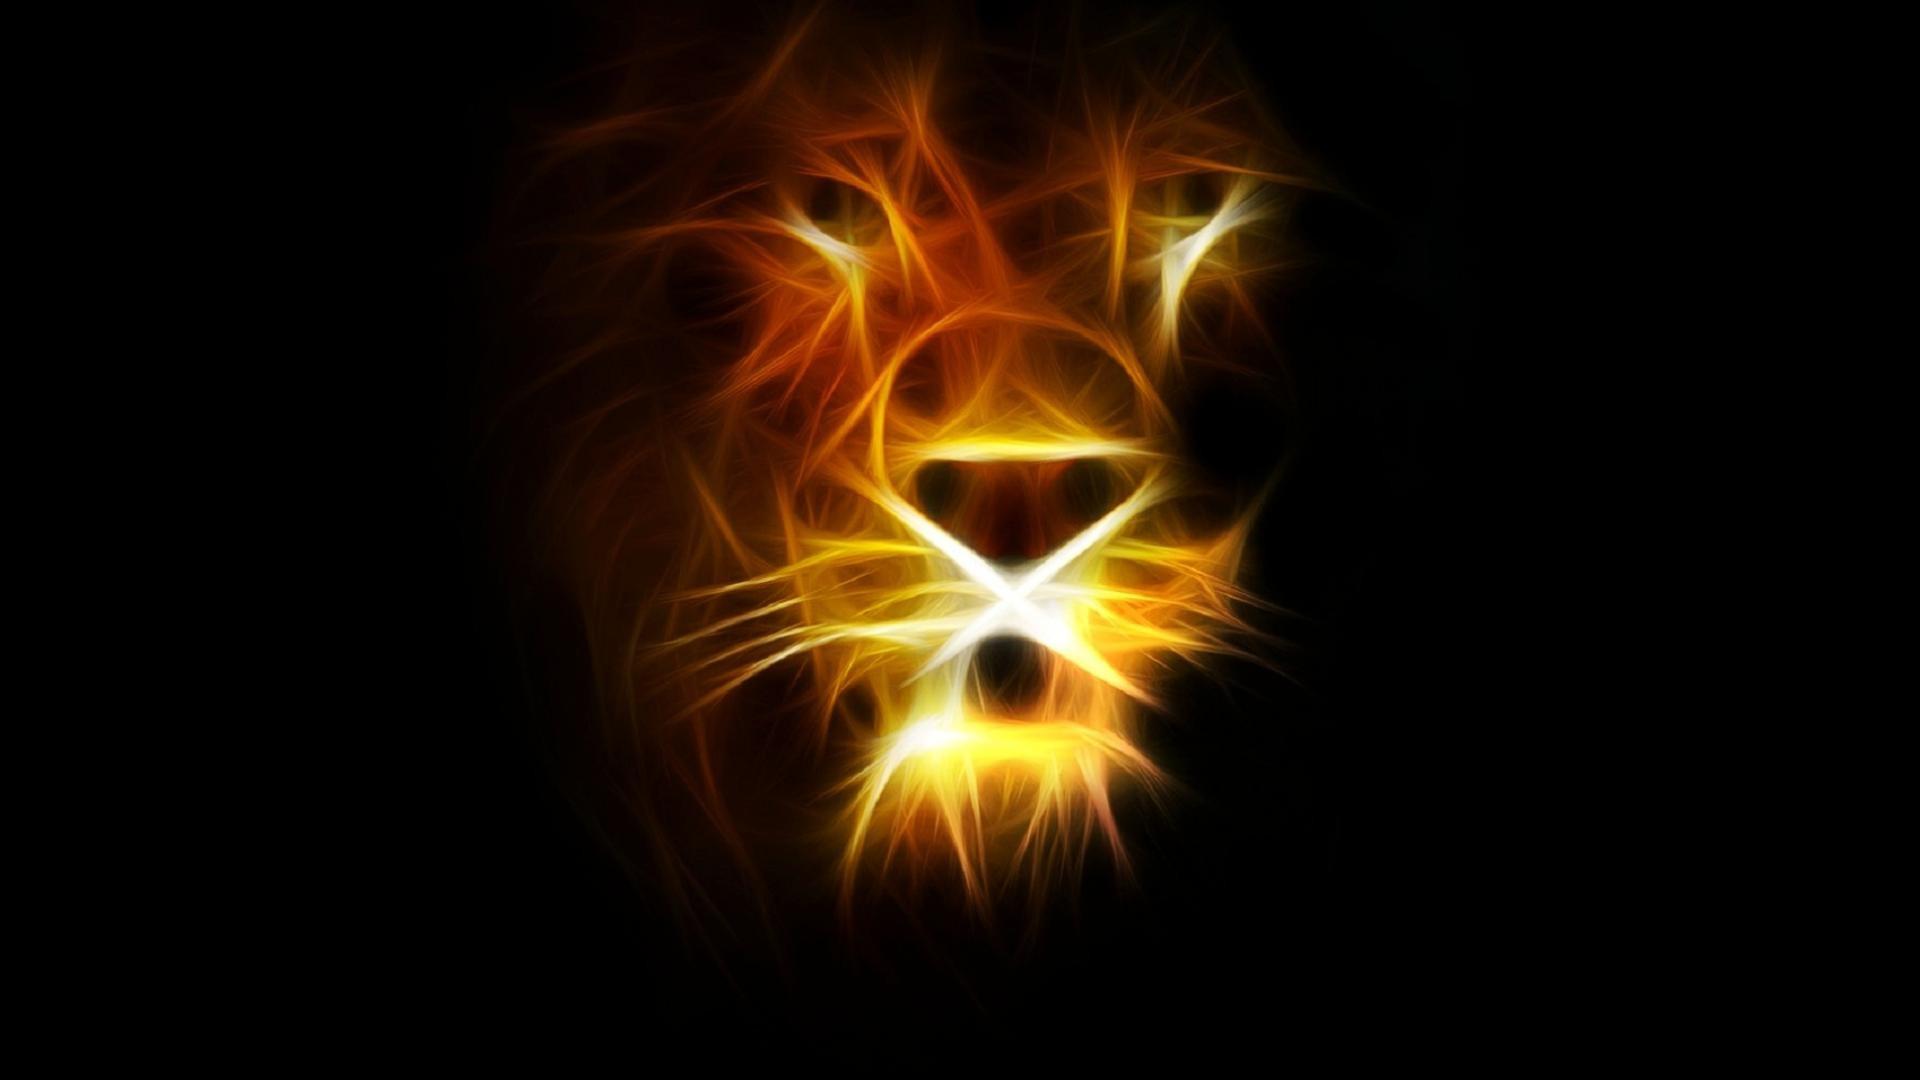 Animal – Lion Wallpaper